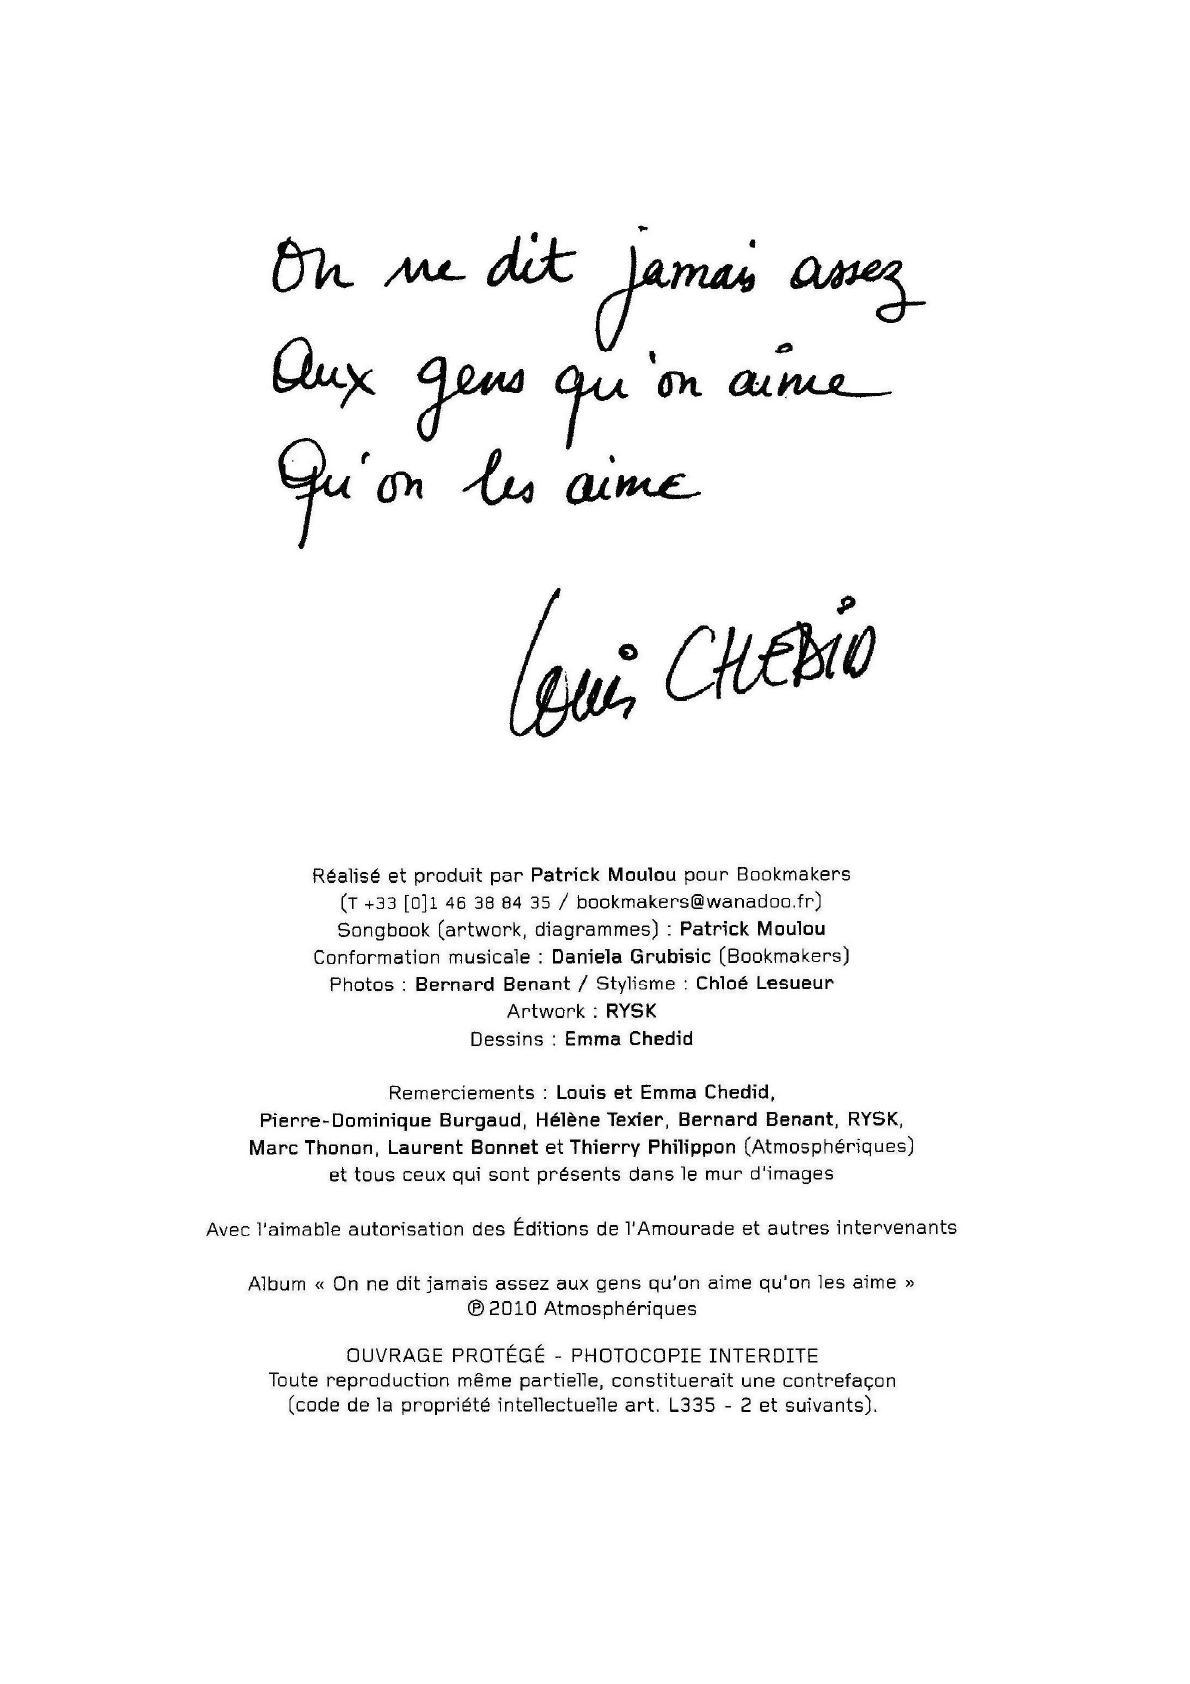 On Ne Dit Jamais Assez Aux Gens Qu'on Aime Qu'on Les Aime Paroles : jamais, assez, qu'on, paroles, Louis, Chedid, Jamais, Assez, Qu'on, Aime-(fr-pvgt), [PDF|TXT]